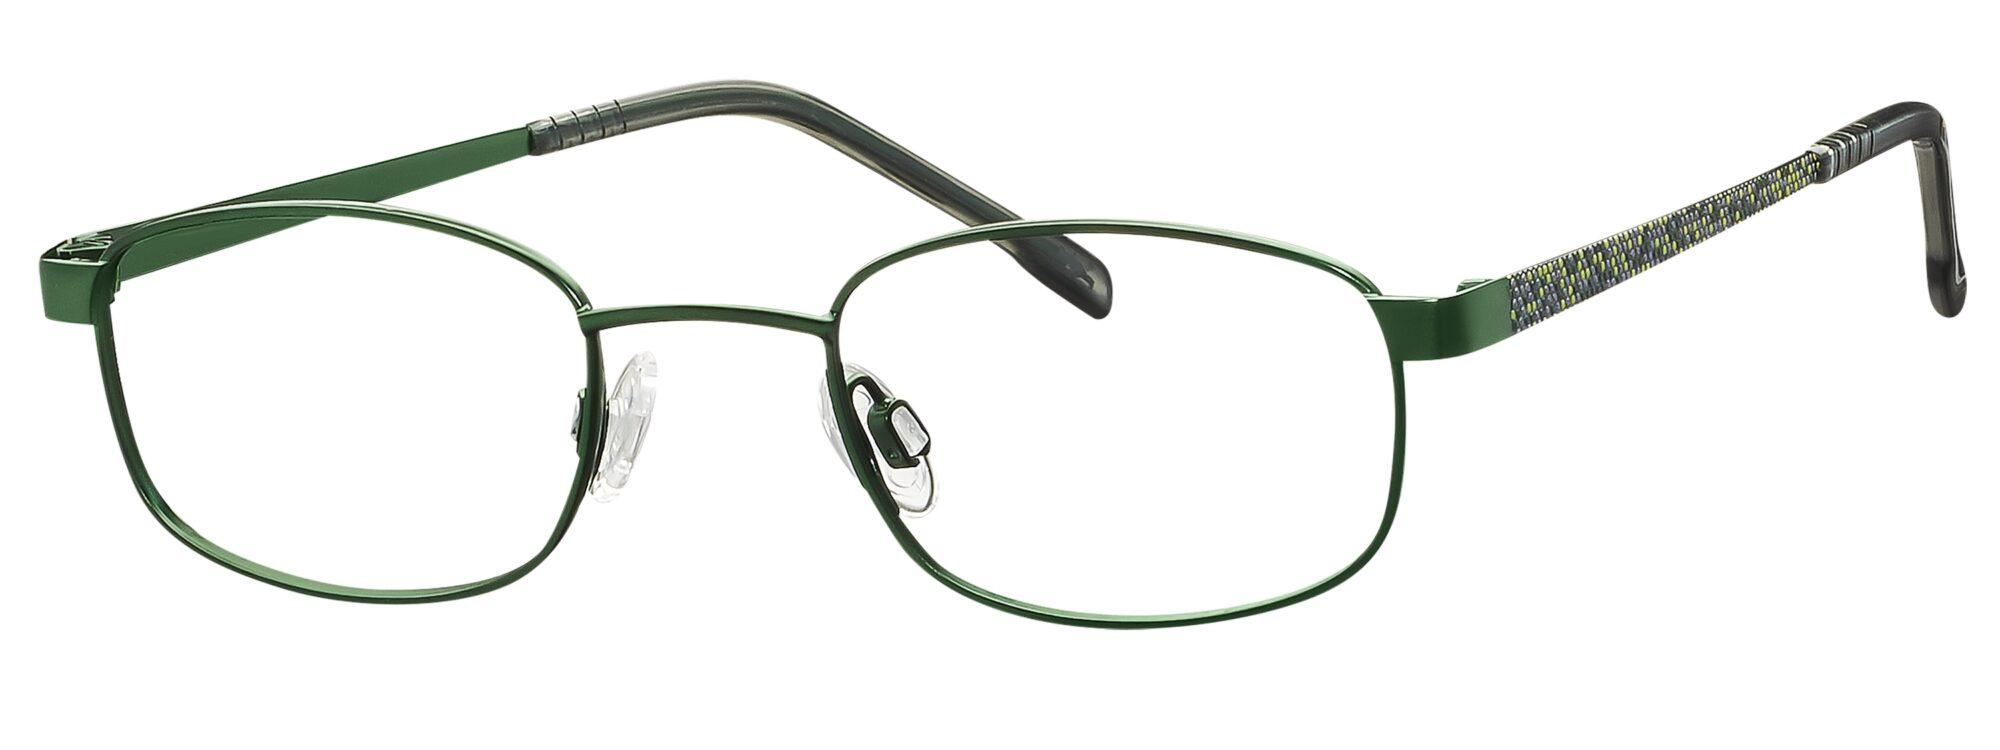 TITANFLEX - 830115-40